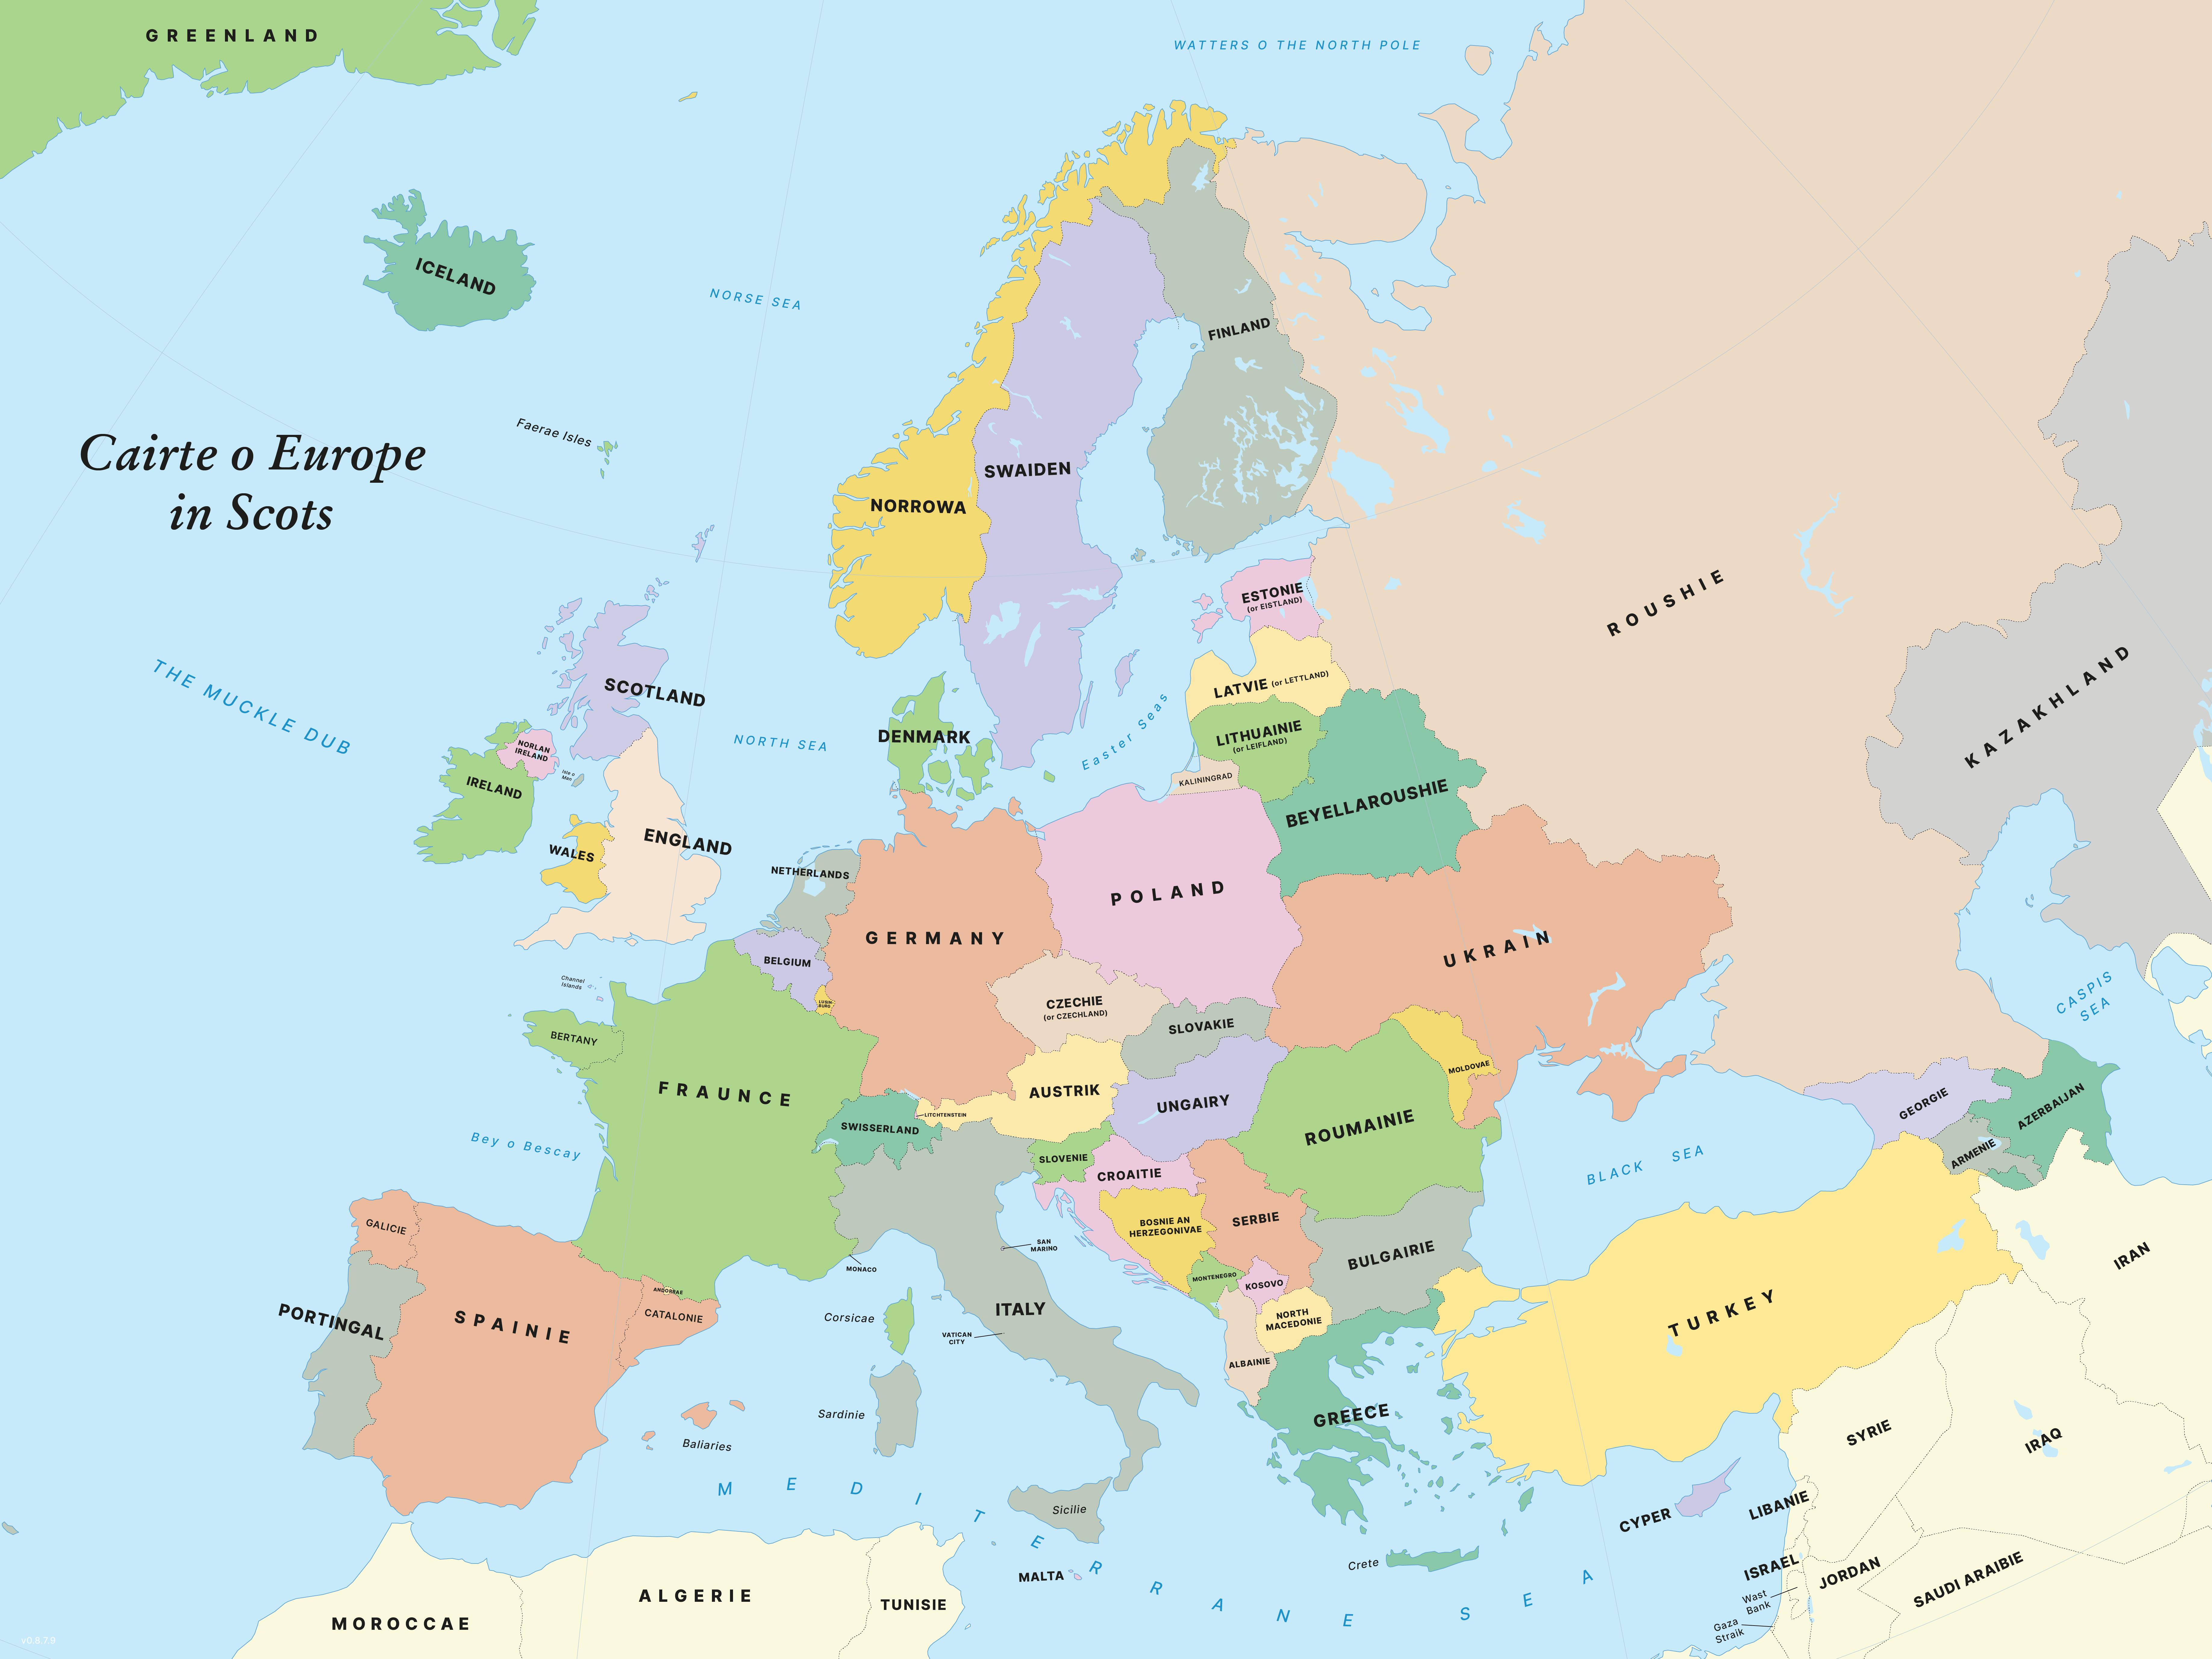 Scots cairte o Europe